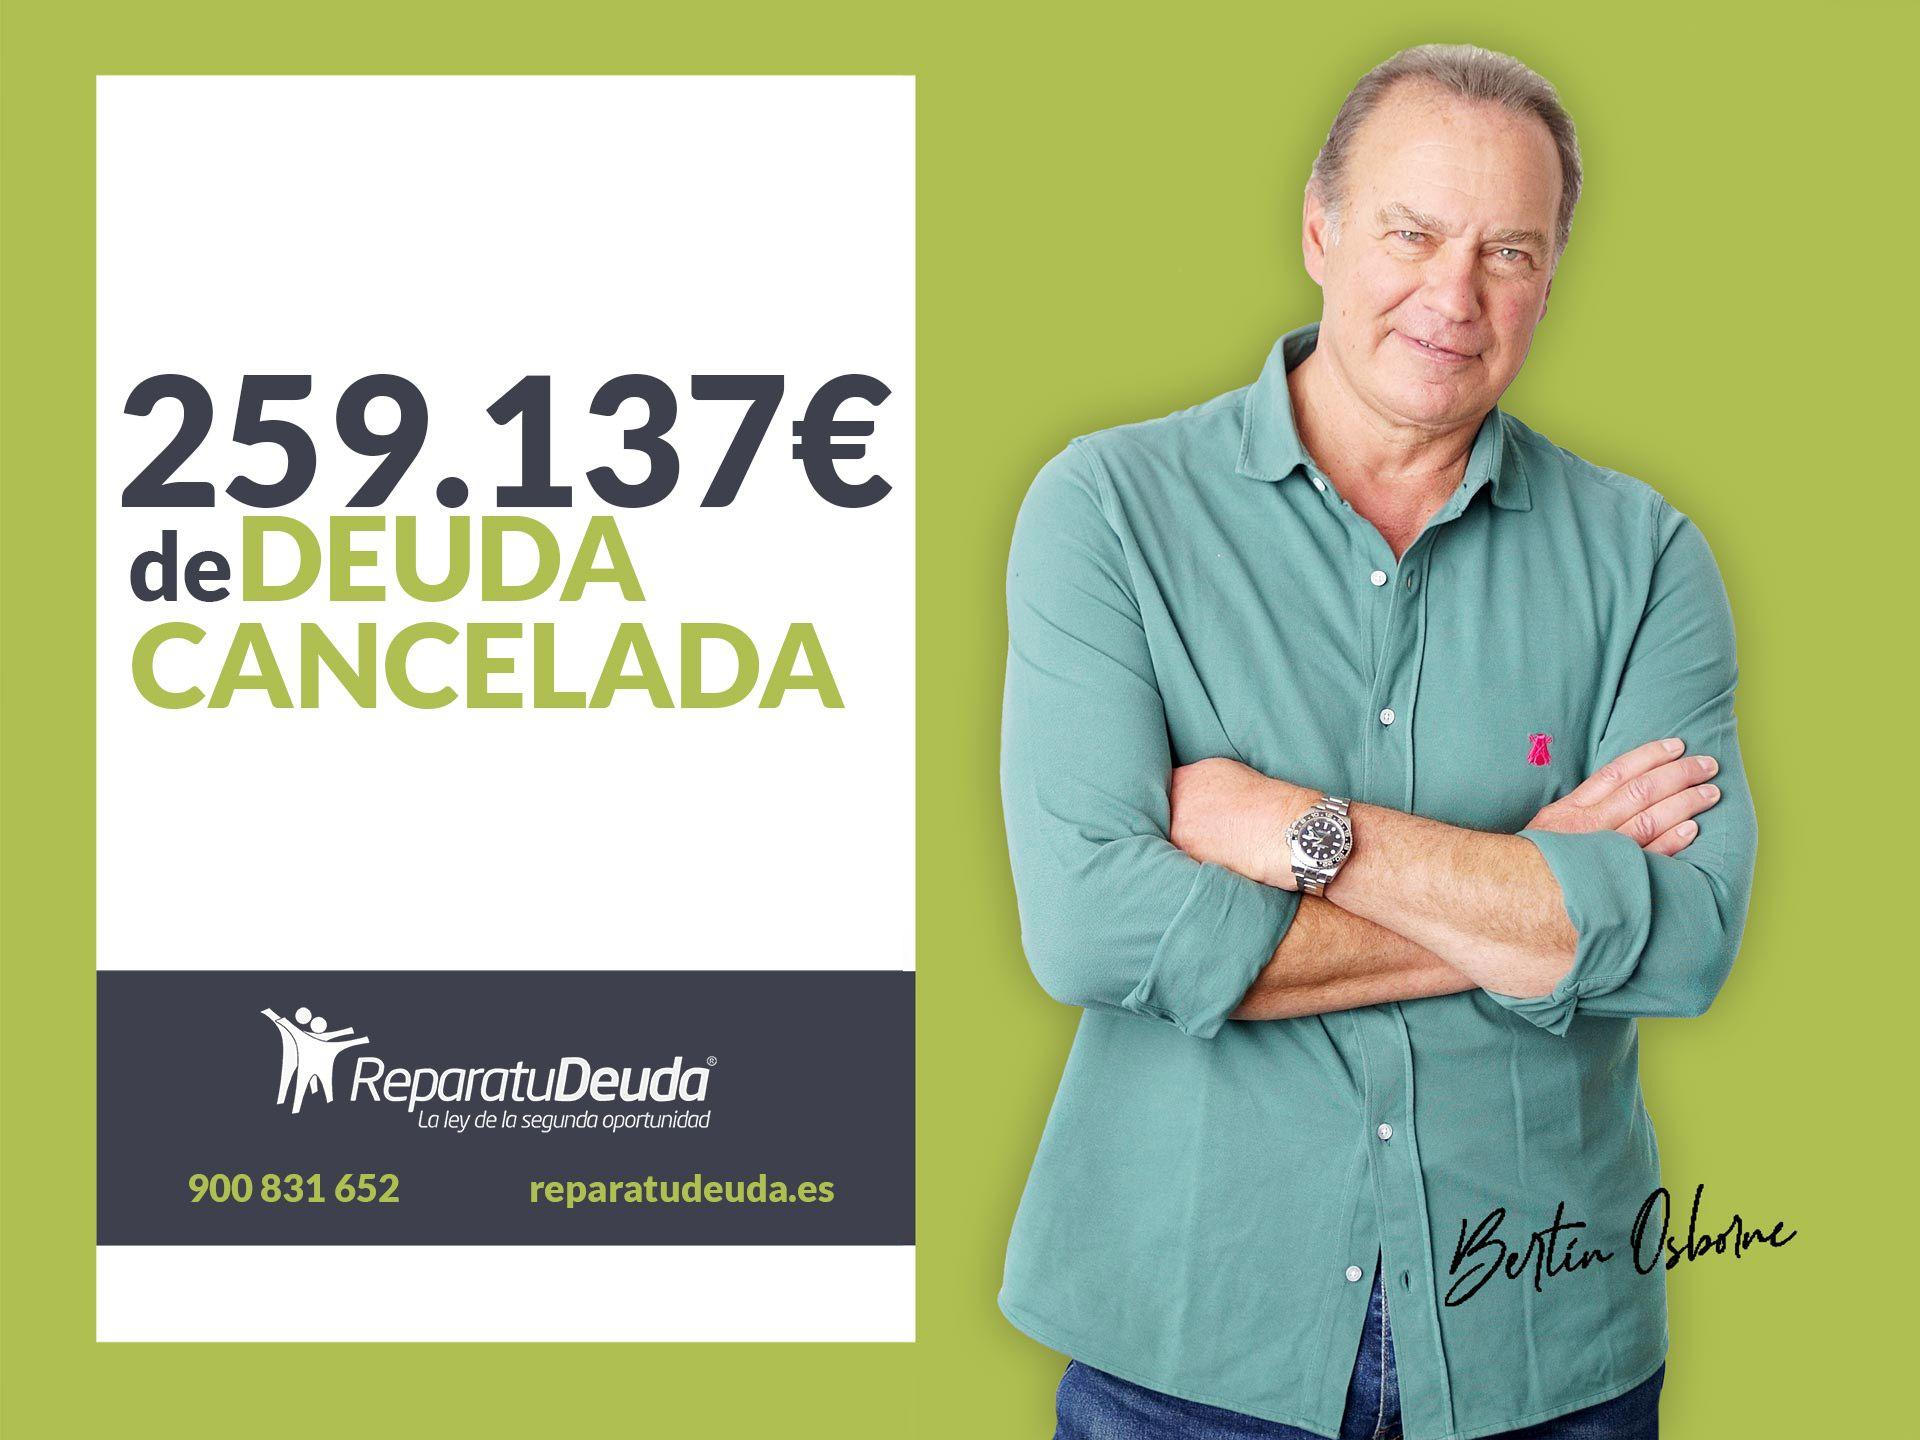 Repara tu Deuda Abogados cancela 259.137 ? en Granollers (Barcelona) con la Ley de Segunda Oportunidad